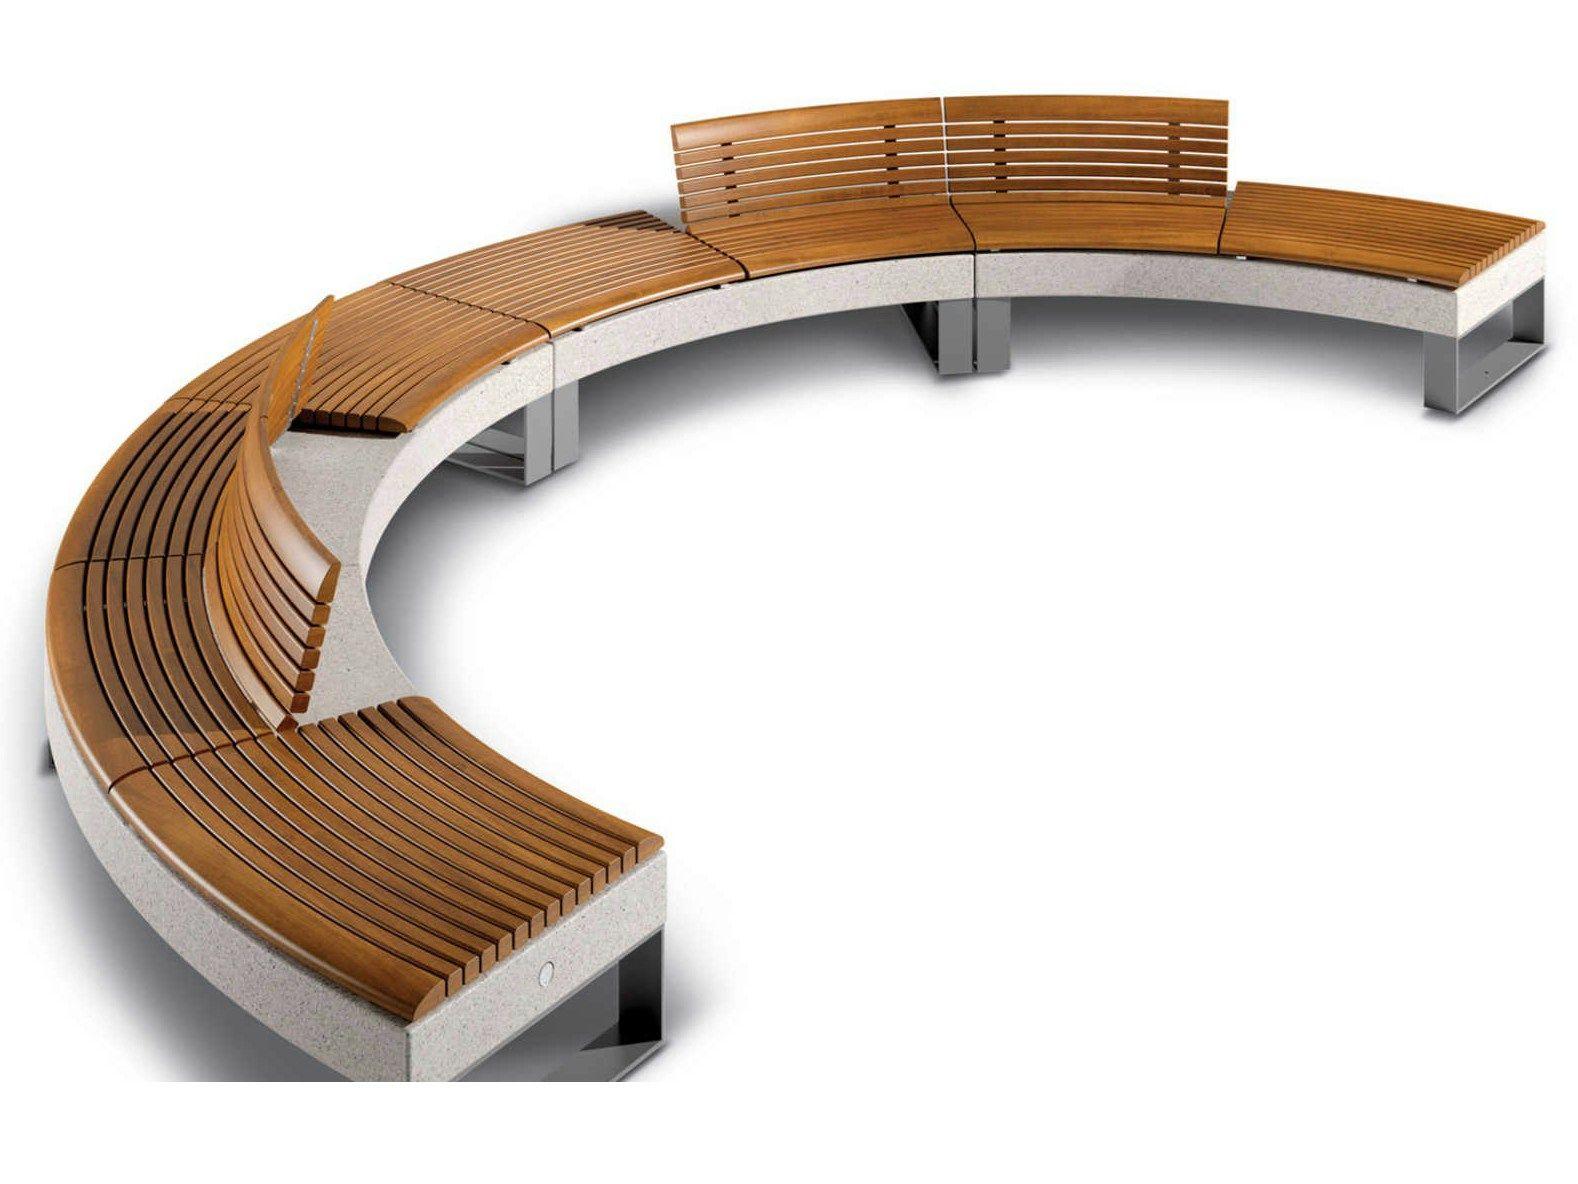 DIAMANTE ACCESSORIES (W)   Bench By Metalco design Michele ...